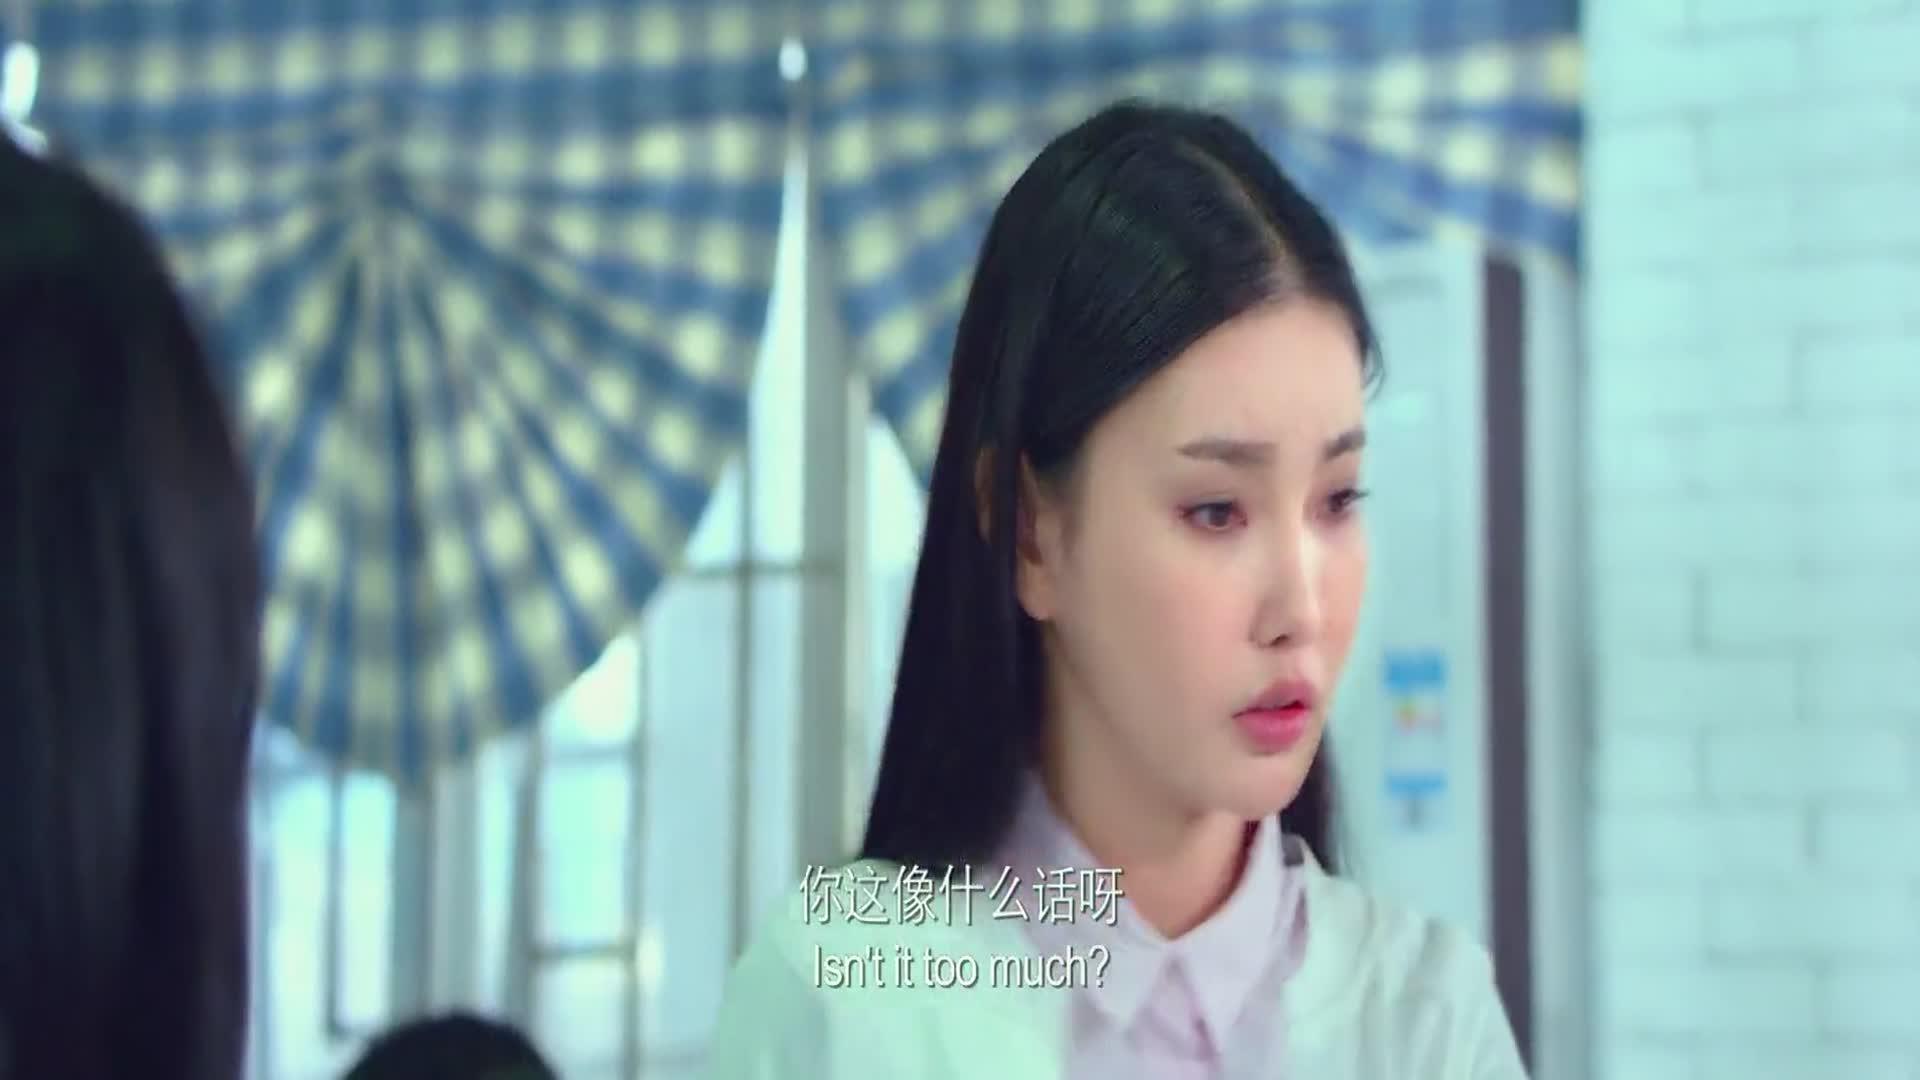 林秋楠撮合舅舅和安老师,不料却被马老师打断,真是扫兴!